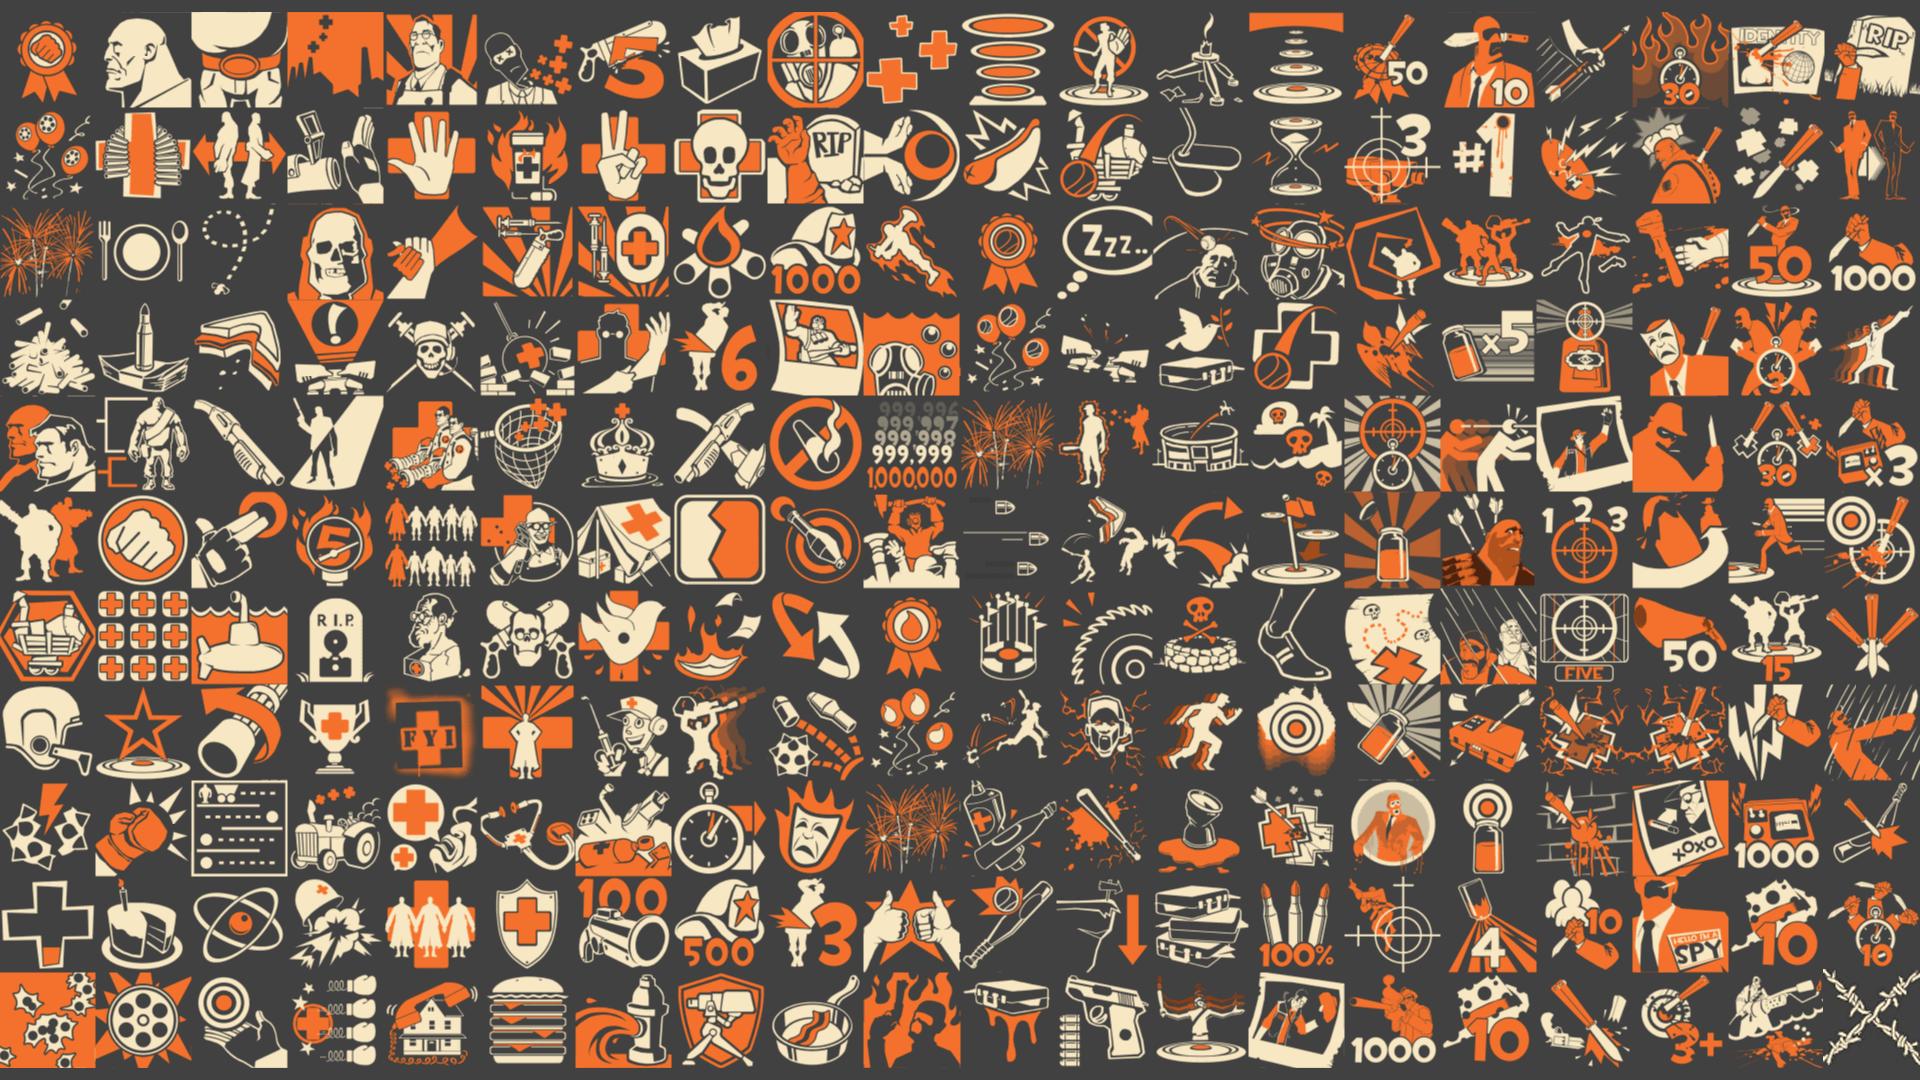 Team Fortress 2 Icons 1920x1080 Wallpaper Teahub Io